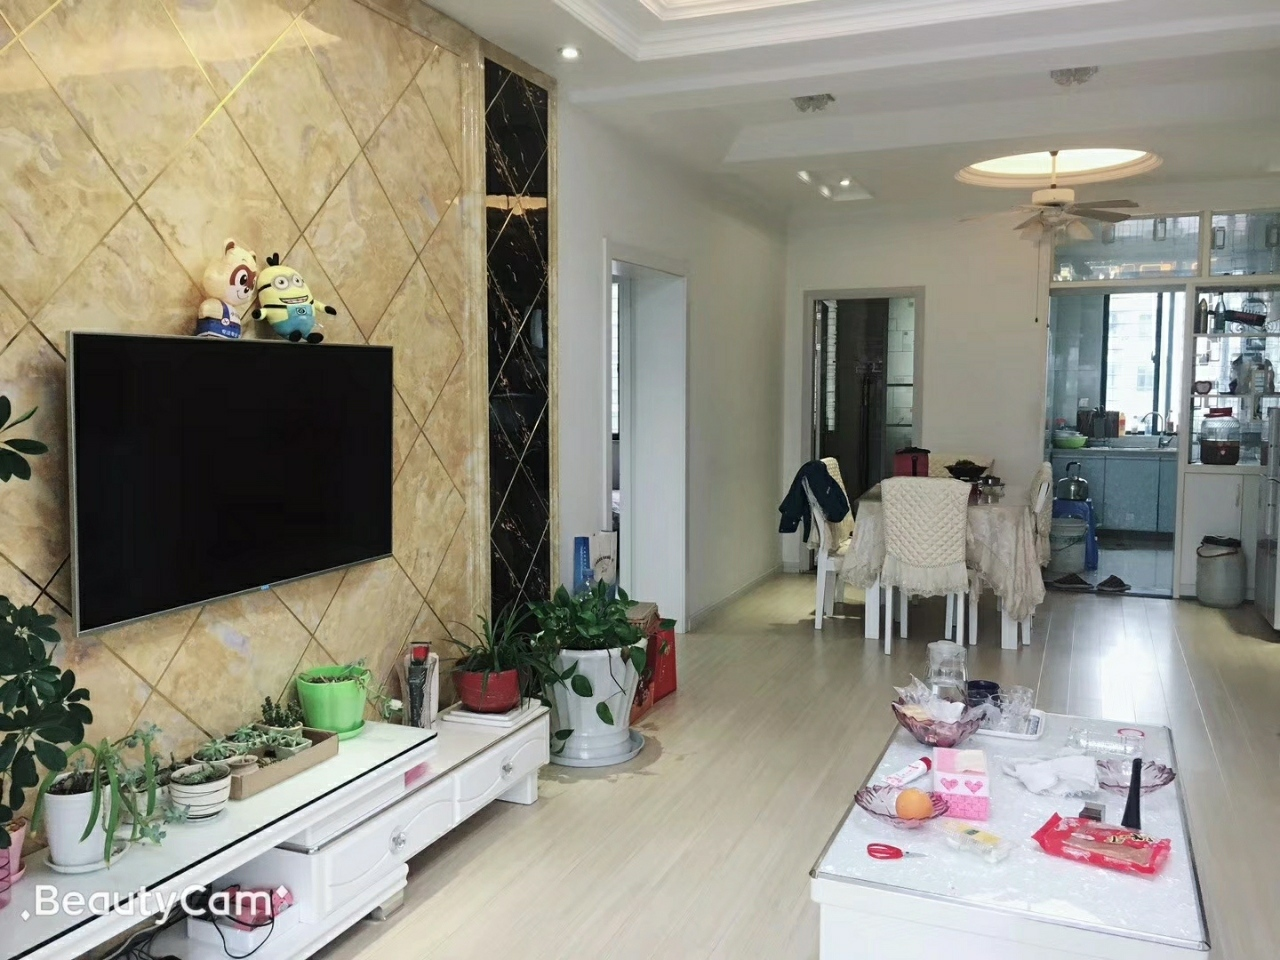 卿城花苑【0278】2室 2厅 1卫74.8万元